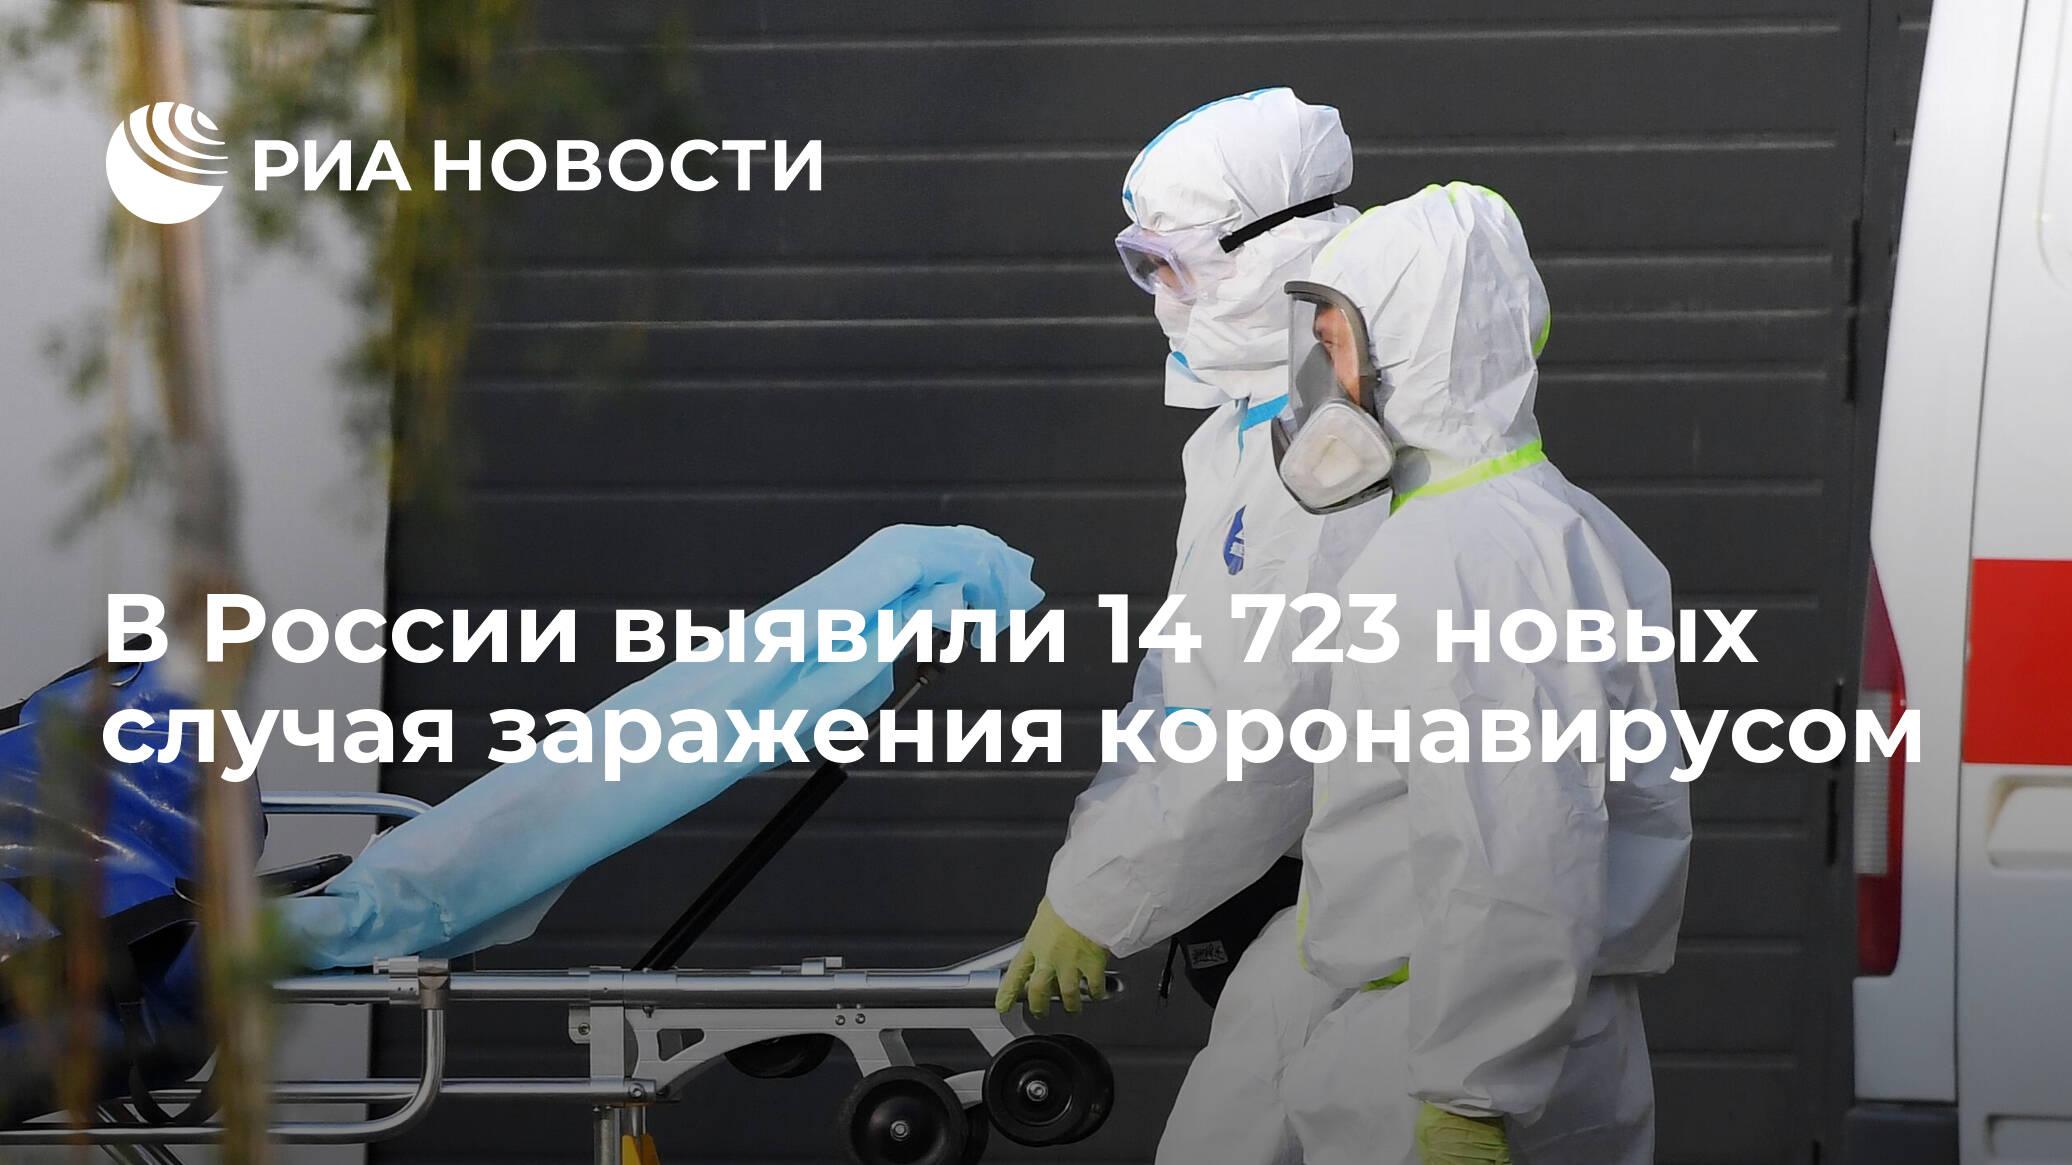 В России выявили 14 723 новых случая заражения коронавирусом